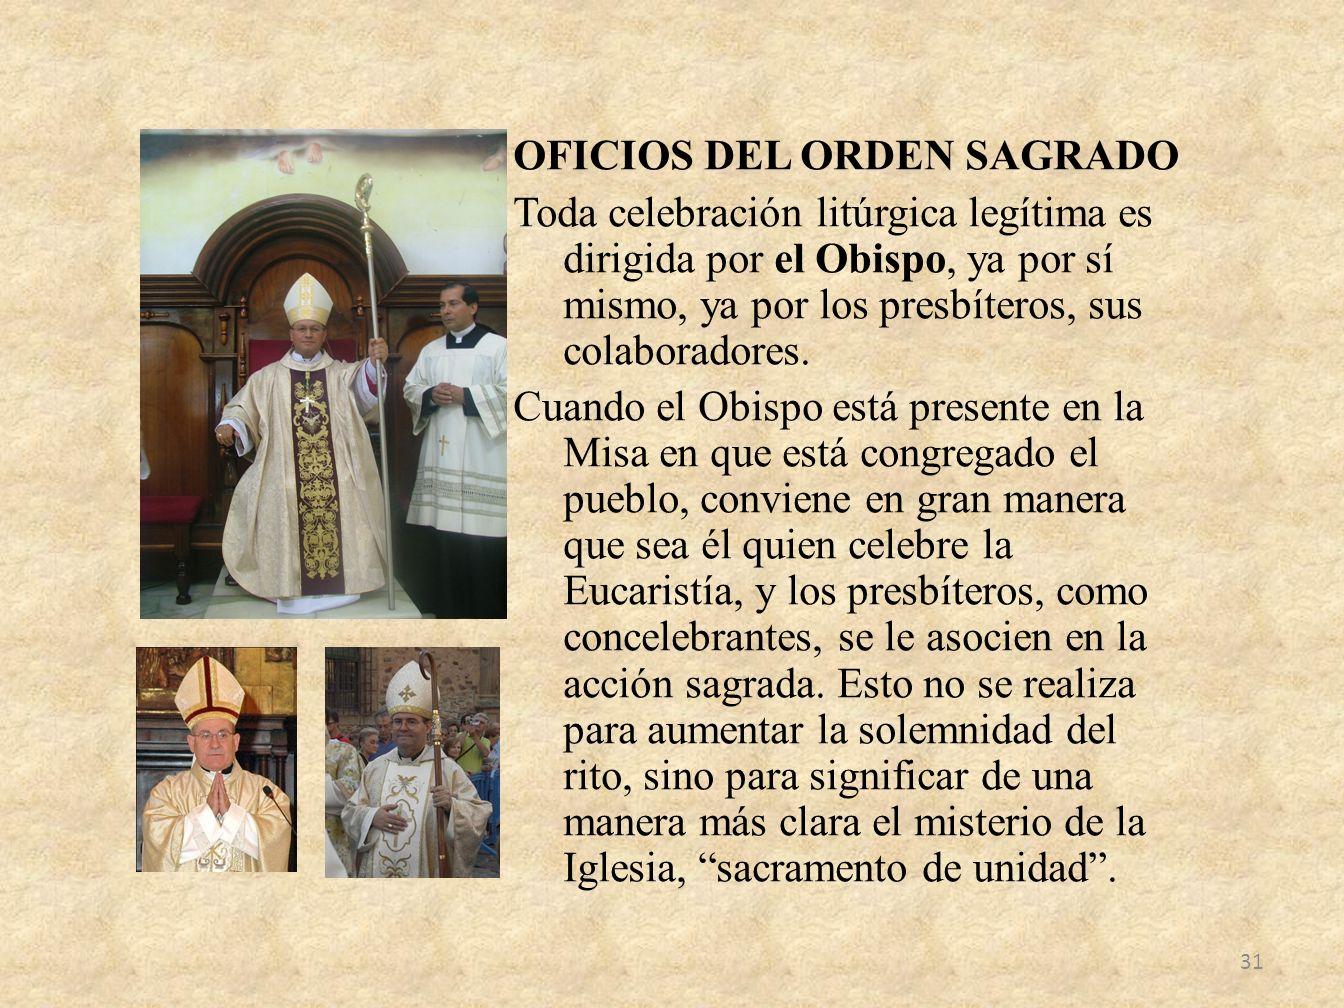 OFICIOS DEL ORDEN SAGRADO Toda celebración litúrgica legítima es dirigida por el Obispo, ya por sí mismo, ya por los presbíteros, sus colaboradores. C